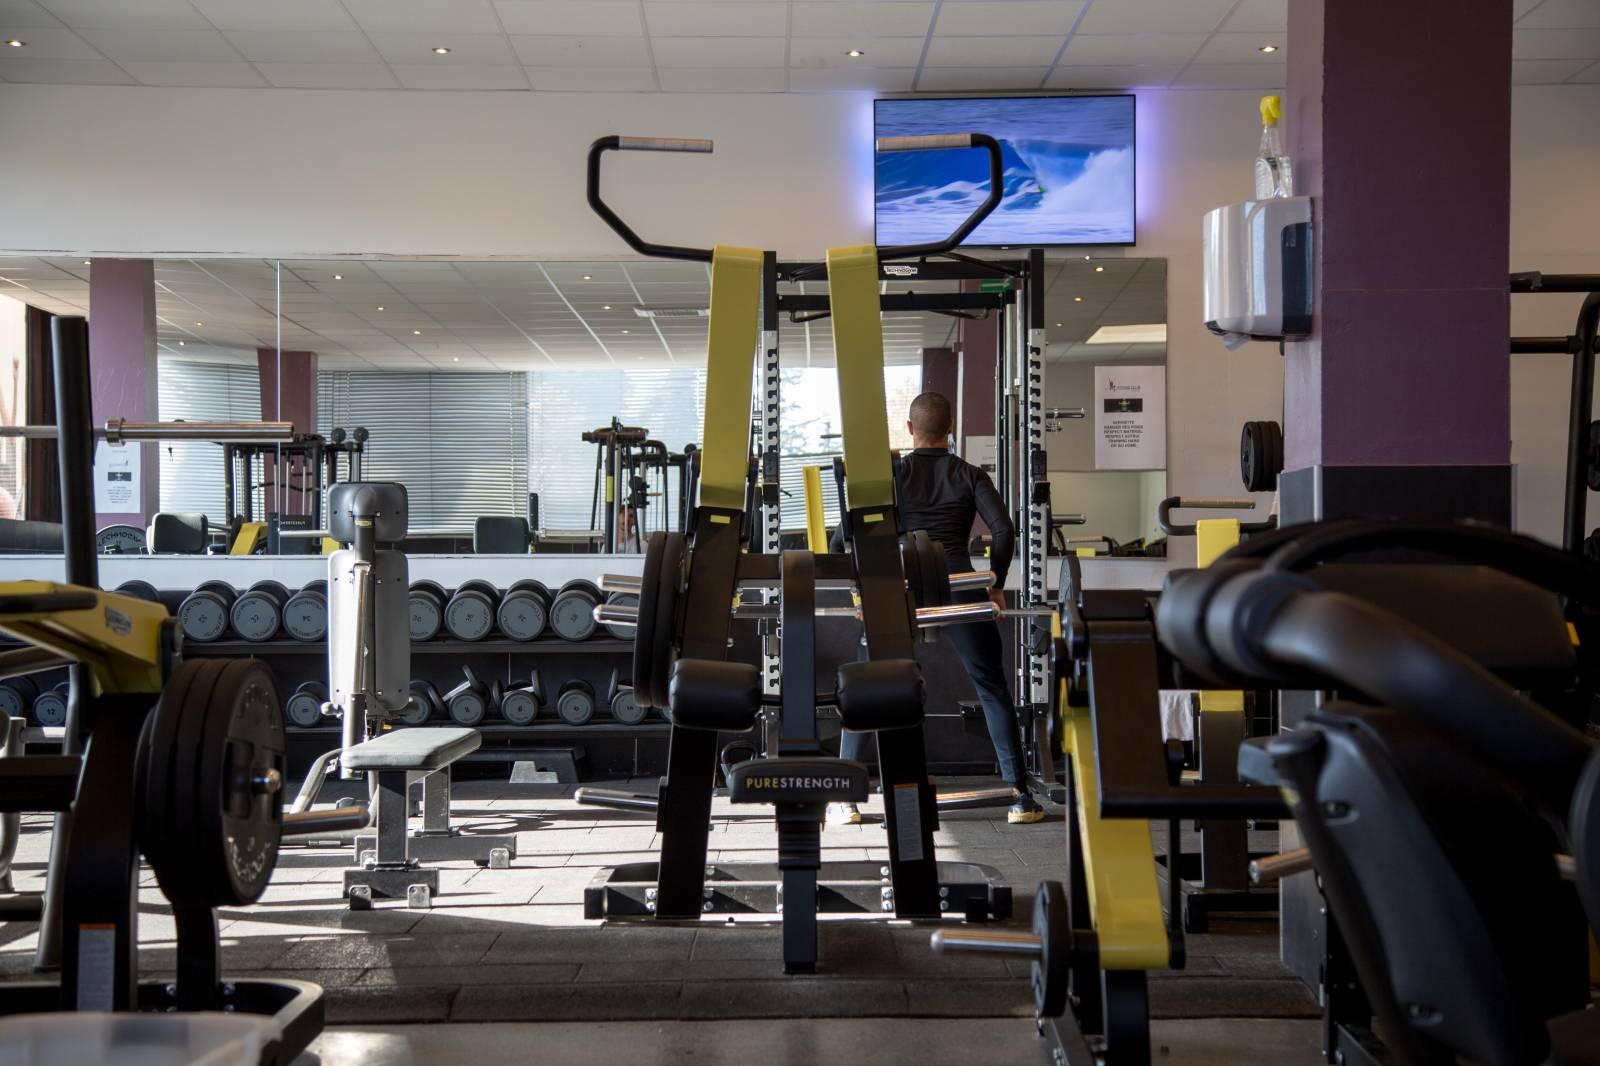 Salle De Sport Privée salle de sport pas chère 12 ème avec cours collectifs avec